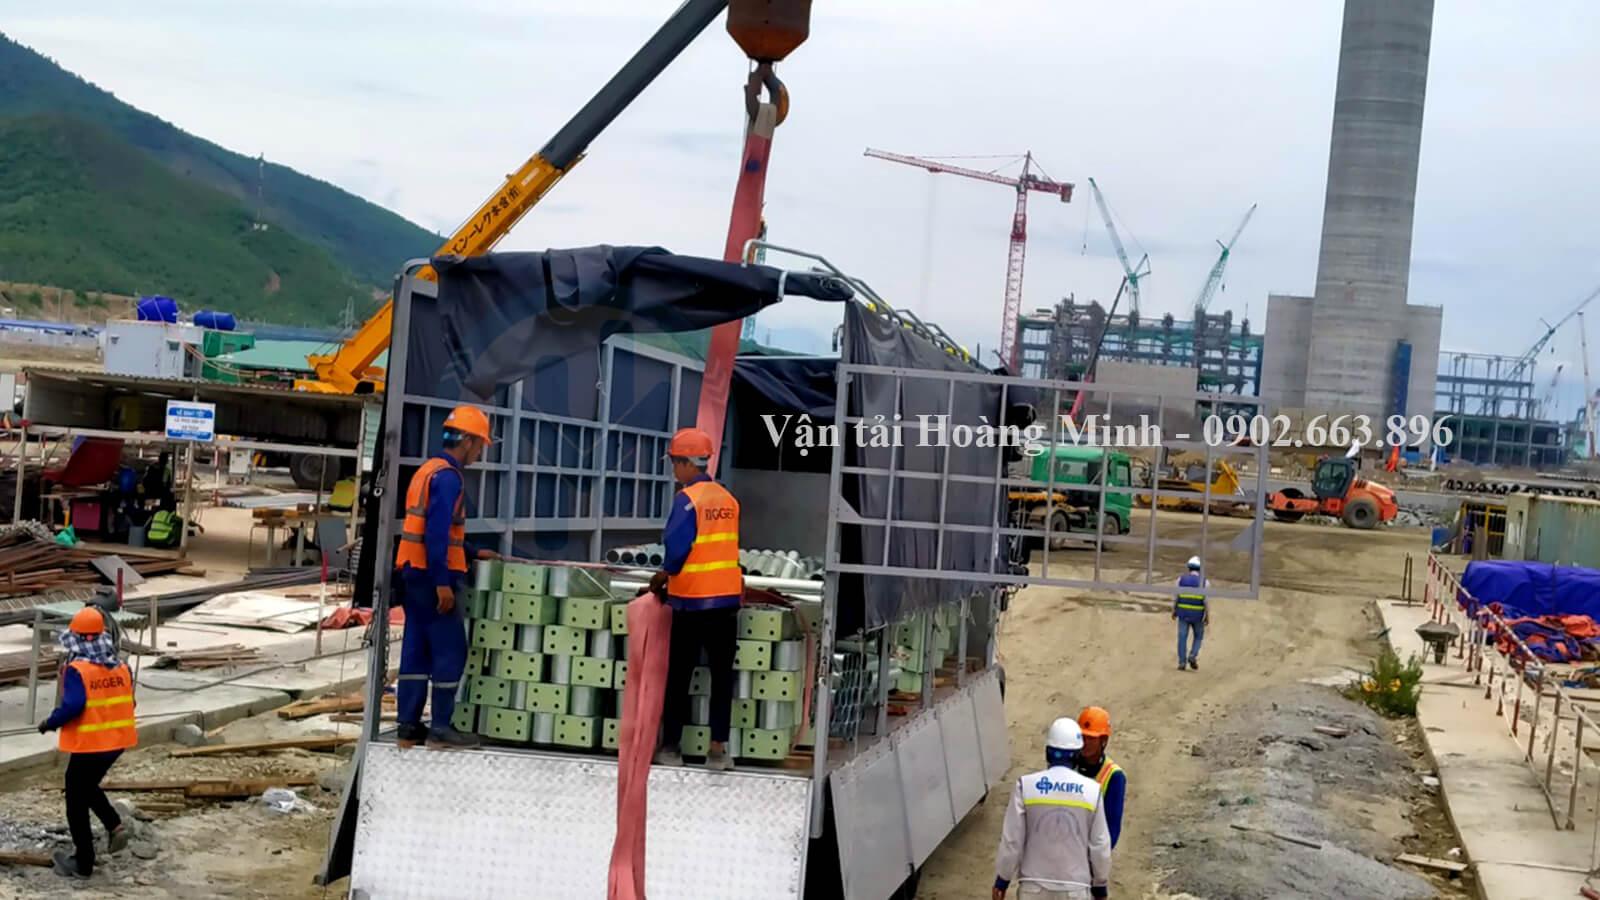 Chọn thuê xe tải chở hàng Quận 6 của Vận tải Hoàng Minh, bạn sẽ nhận được lợi ích gì